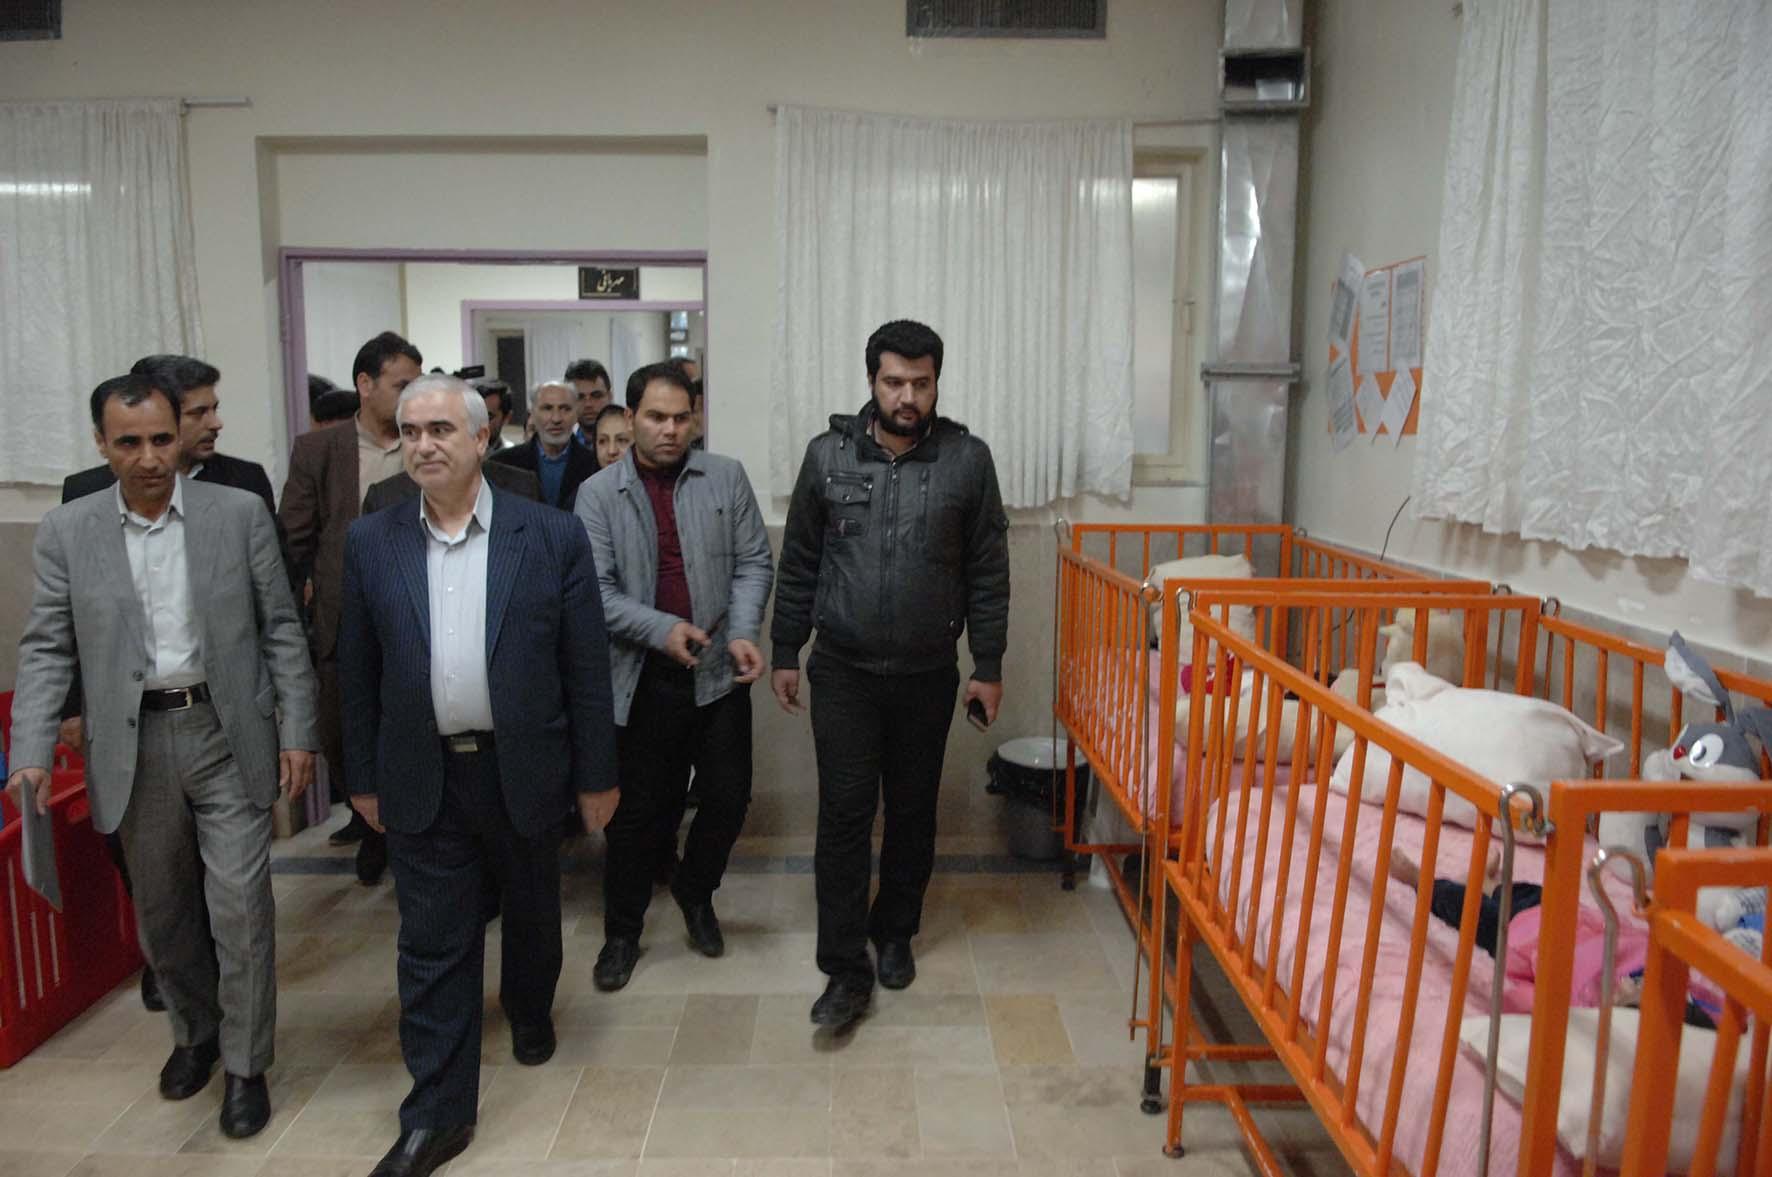 بازدید استاندار محترم از مرکز توانبخشی  حضرت علی اکبر (ع) بیرجند-27 بهمن 95